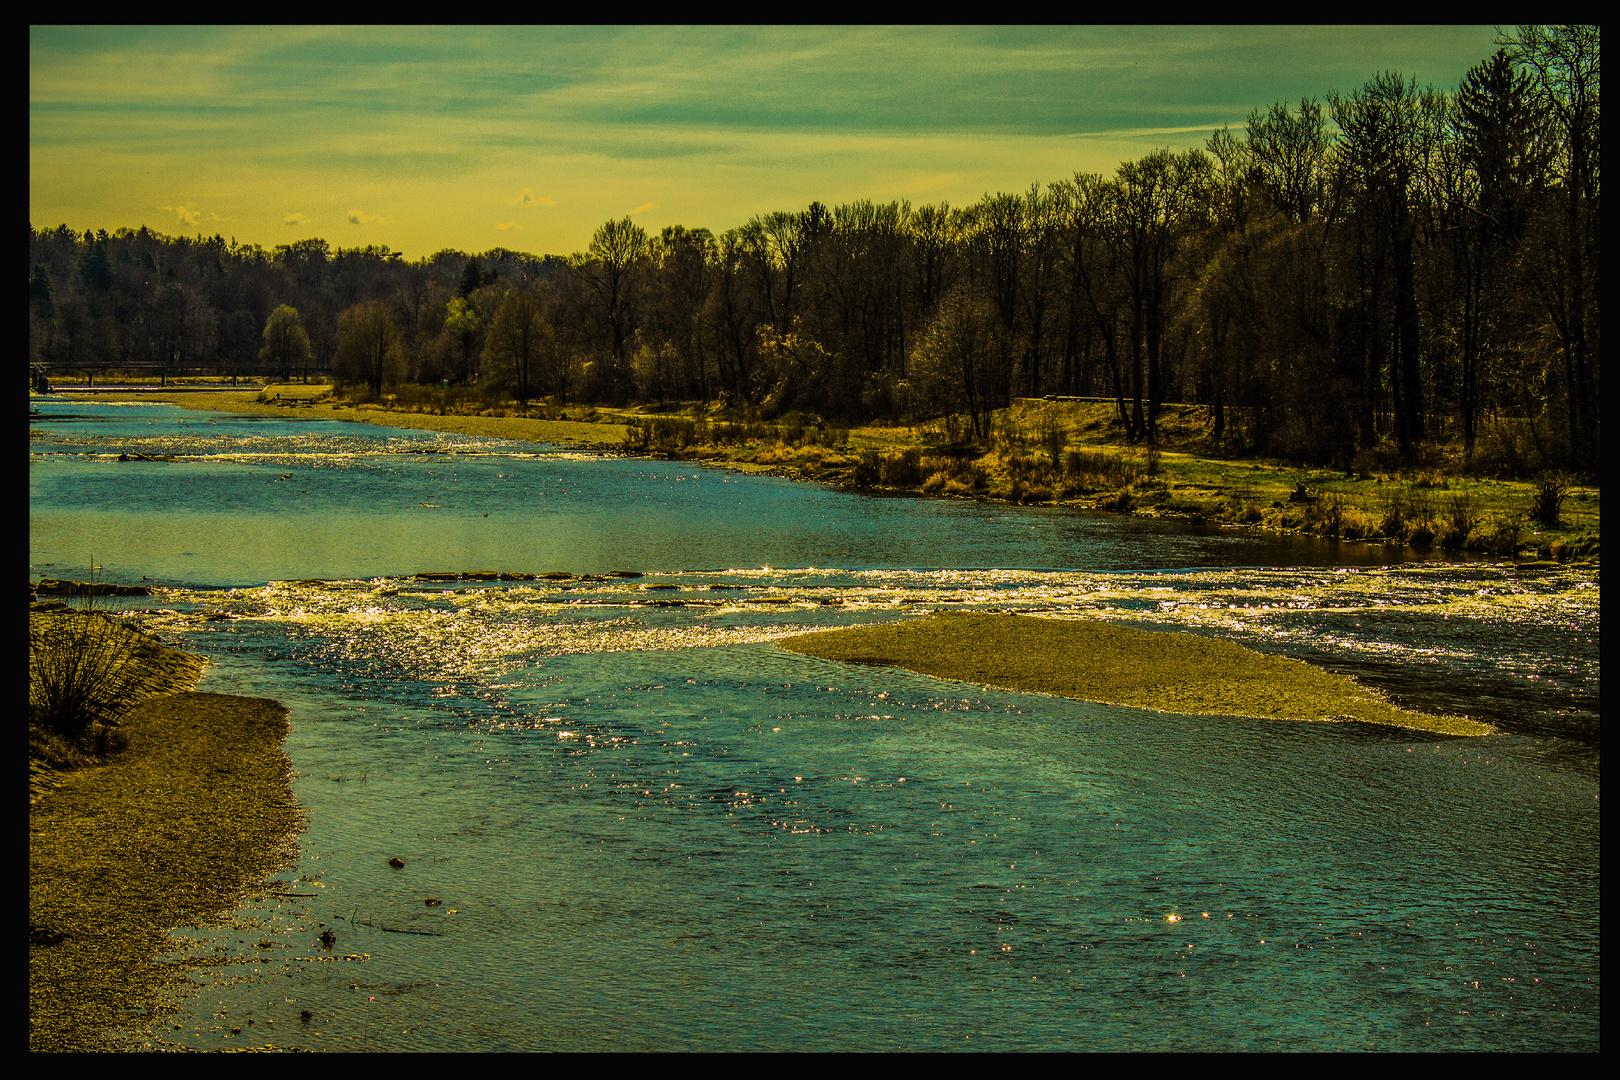 Am Fluß